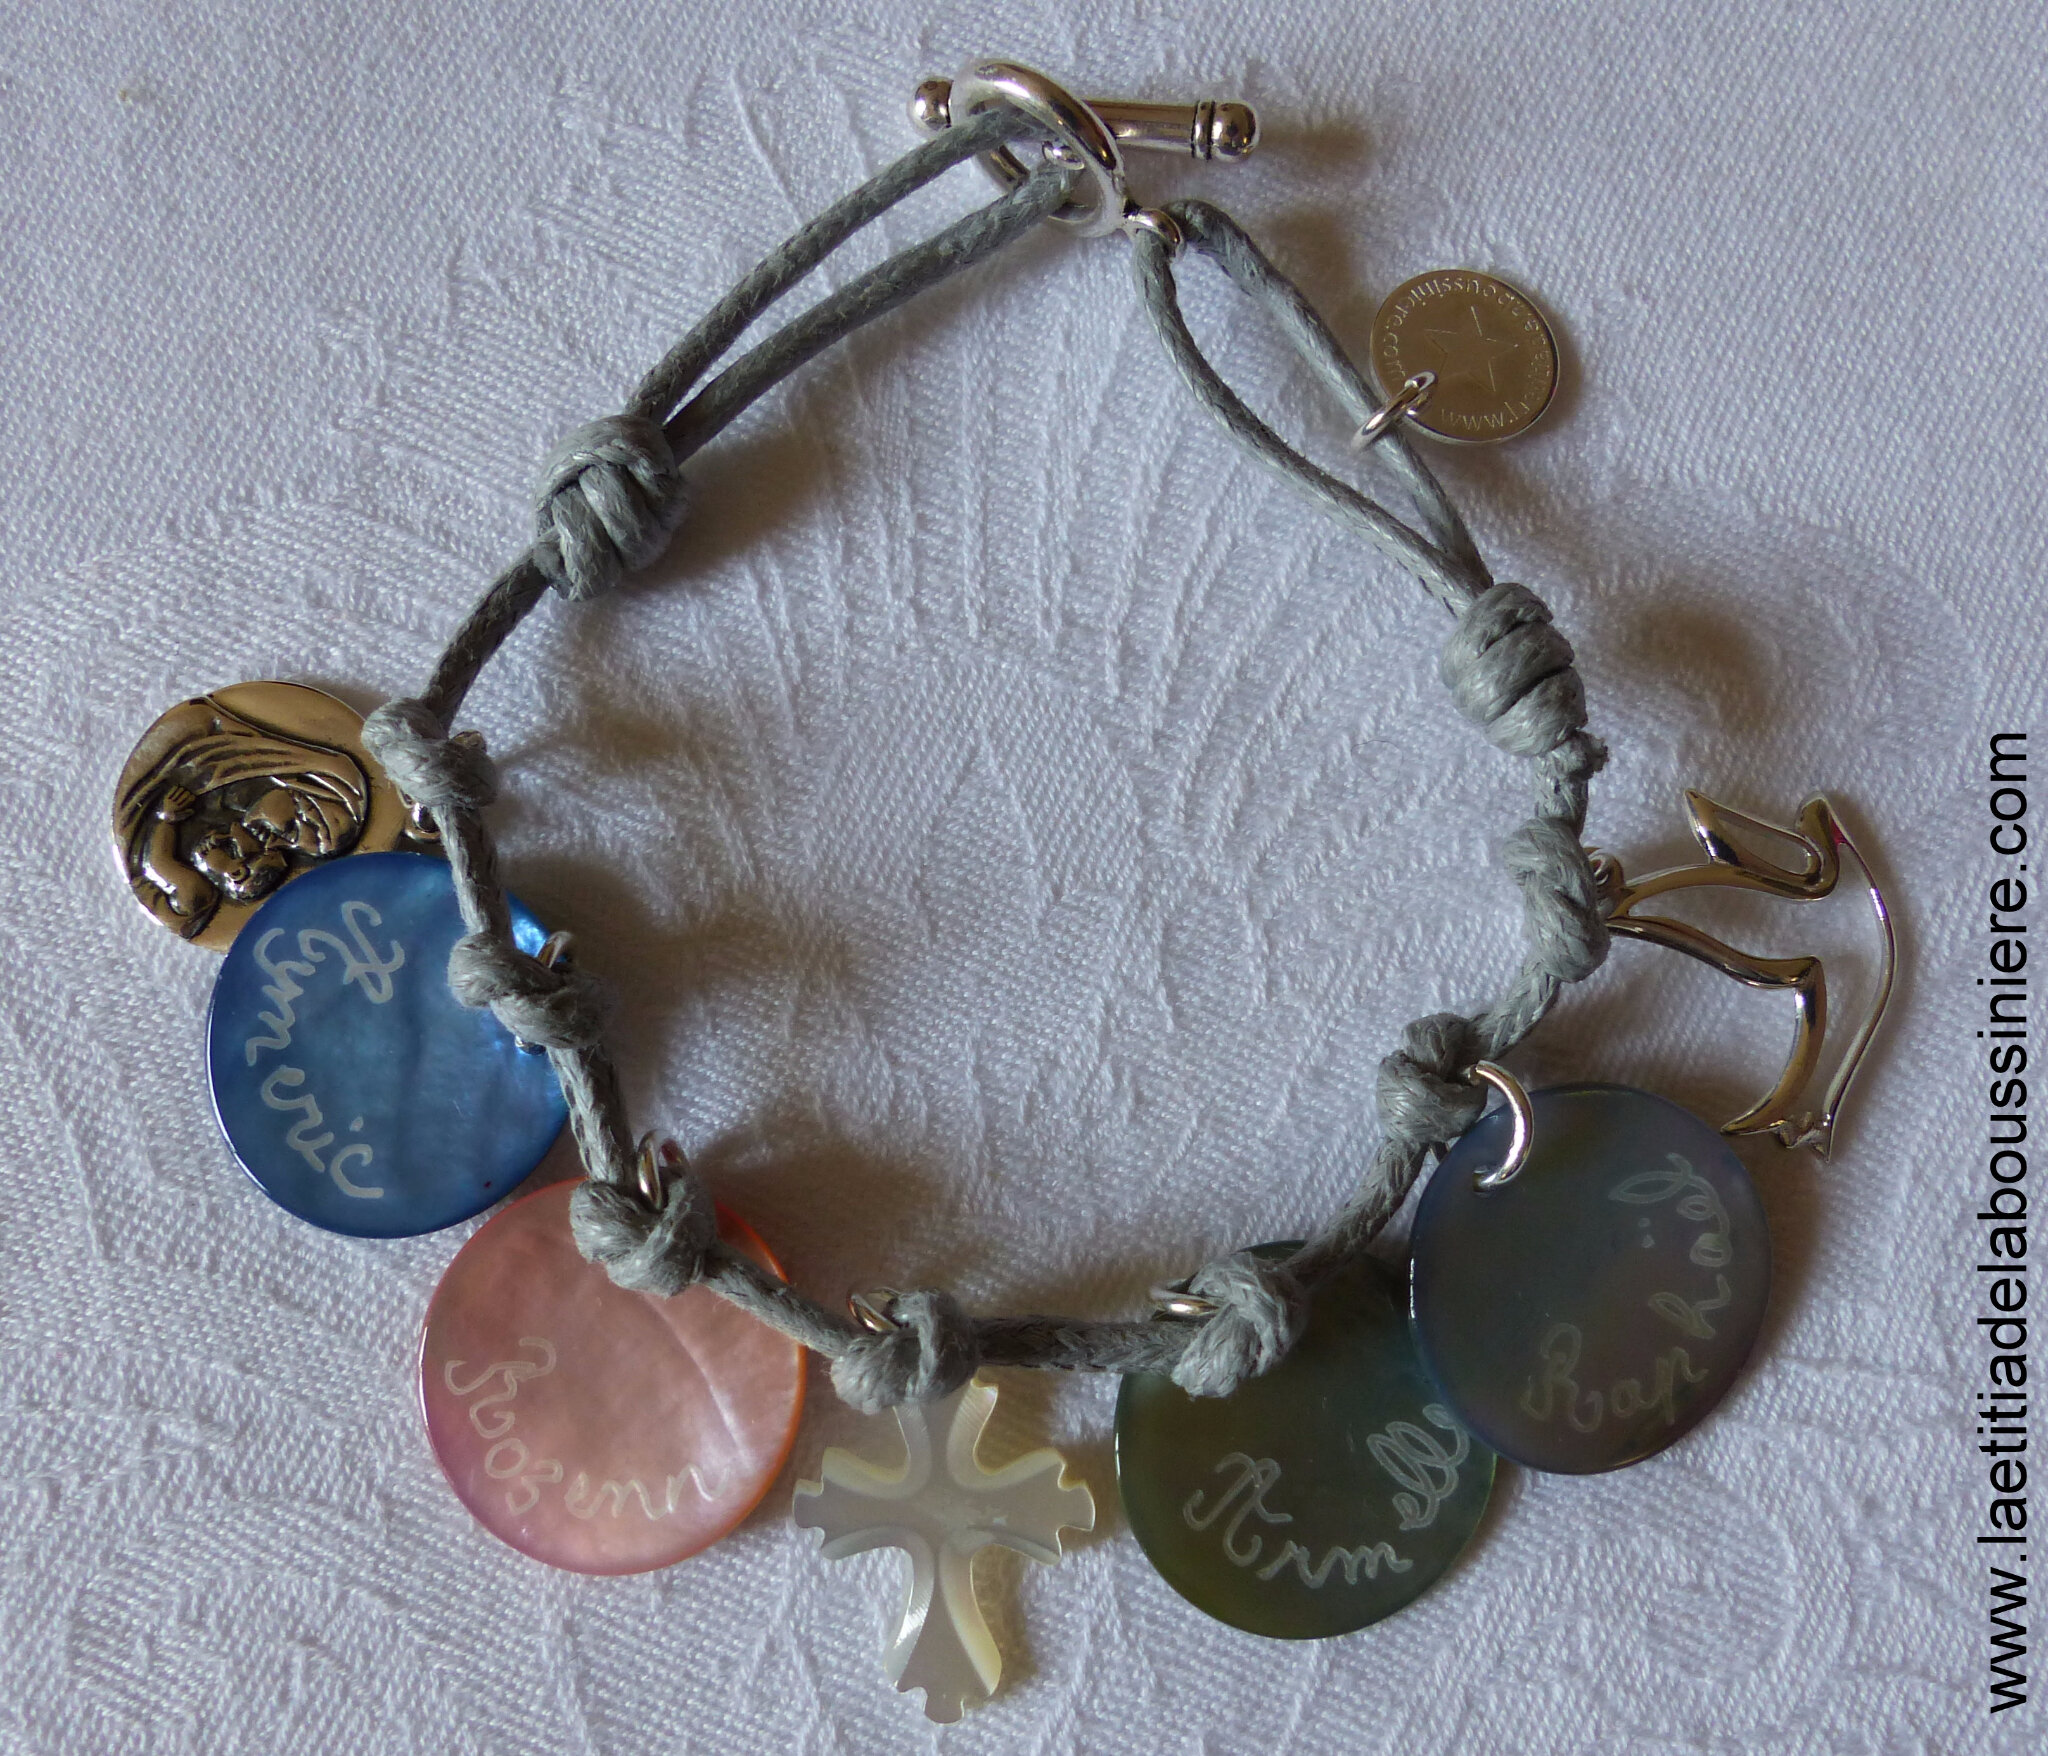 Bracelet personnalisé sur cordon composé de 4 médailles en nacre gravées, une médaille de Vierge à l'Enfant en argent, une Croix en nacre et une colombe en argent